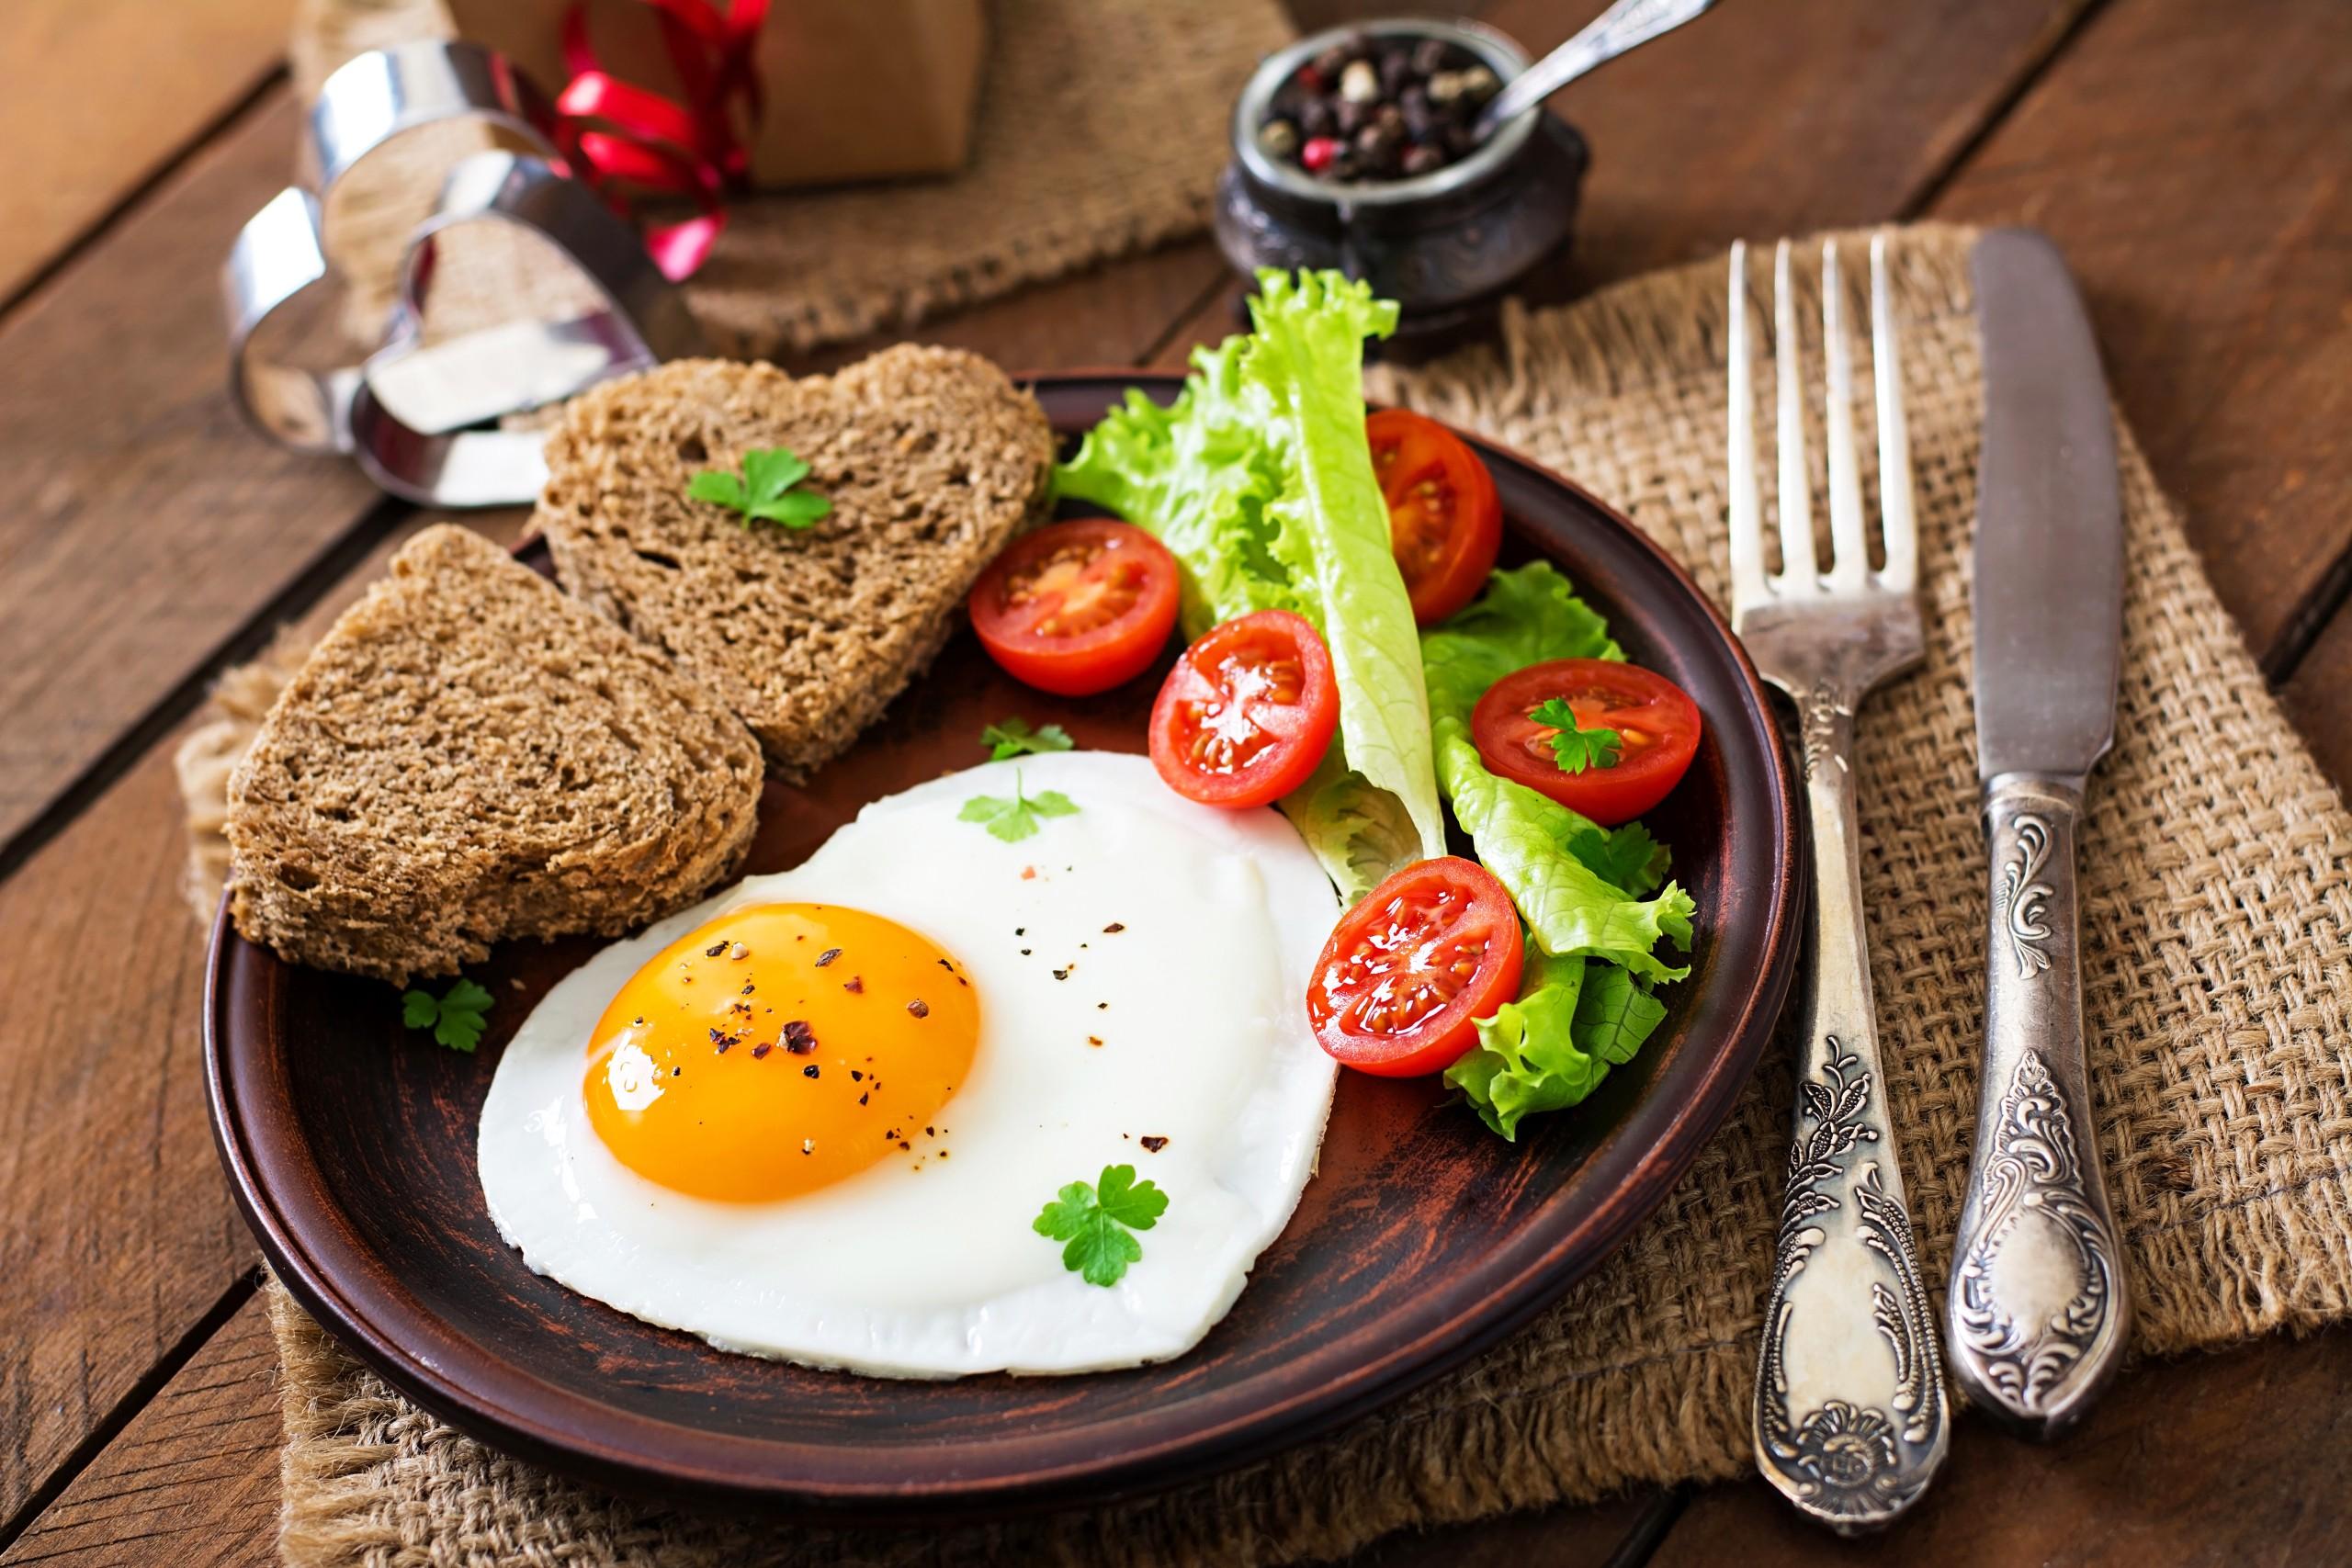 Завтрак картинки, птица феникс картинка